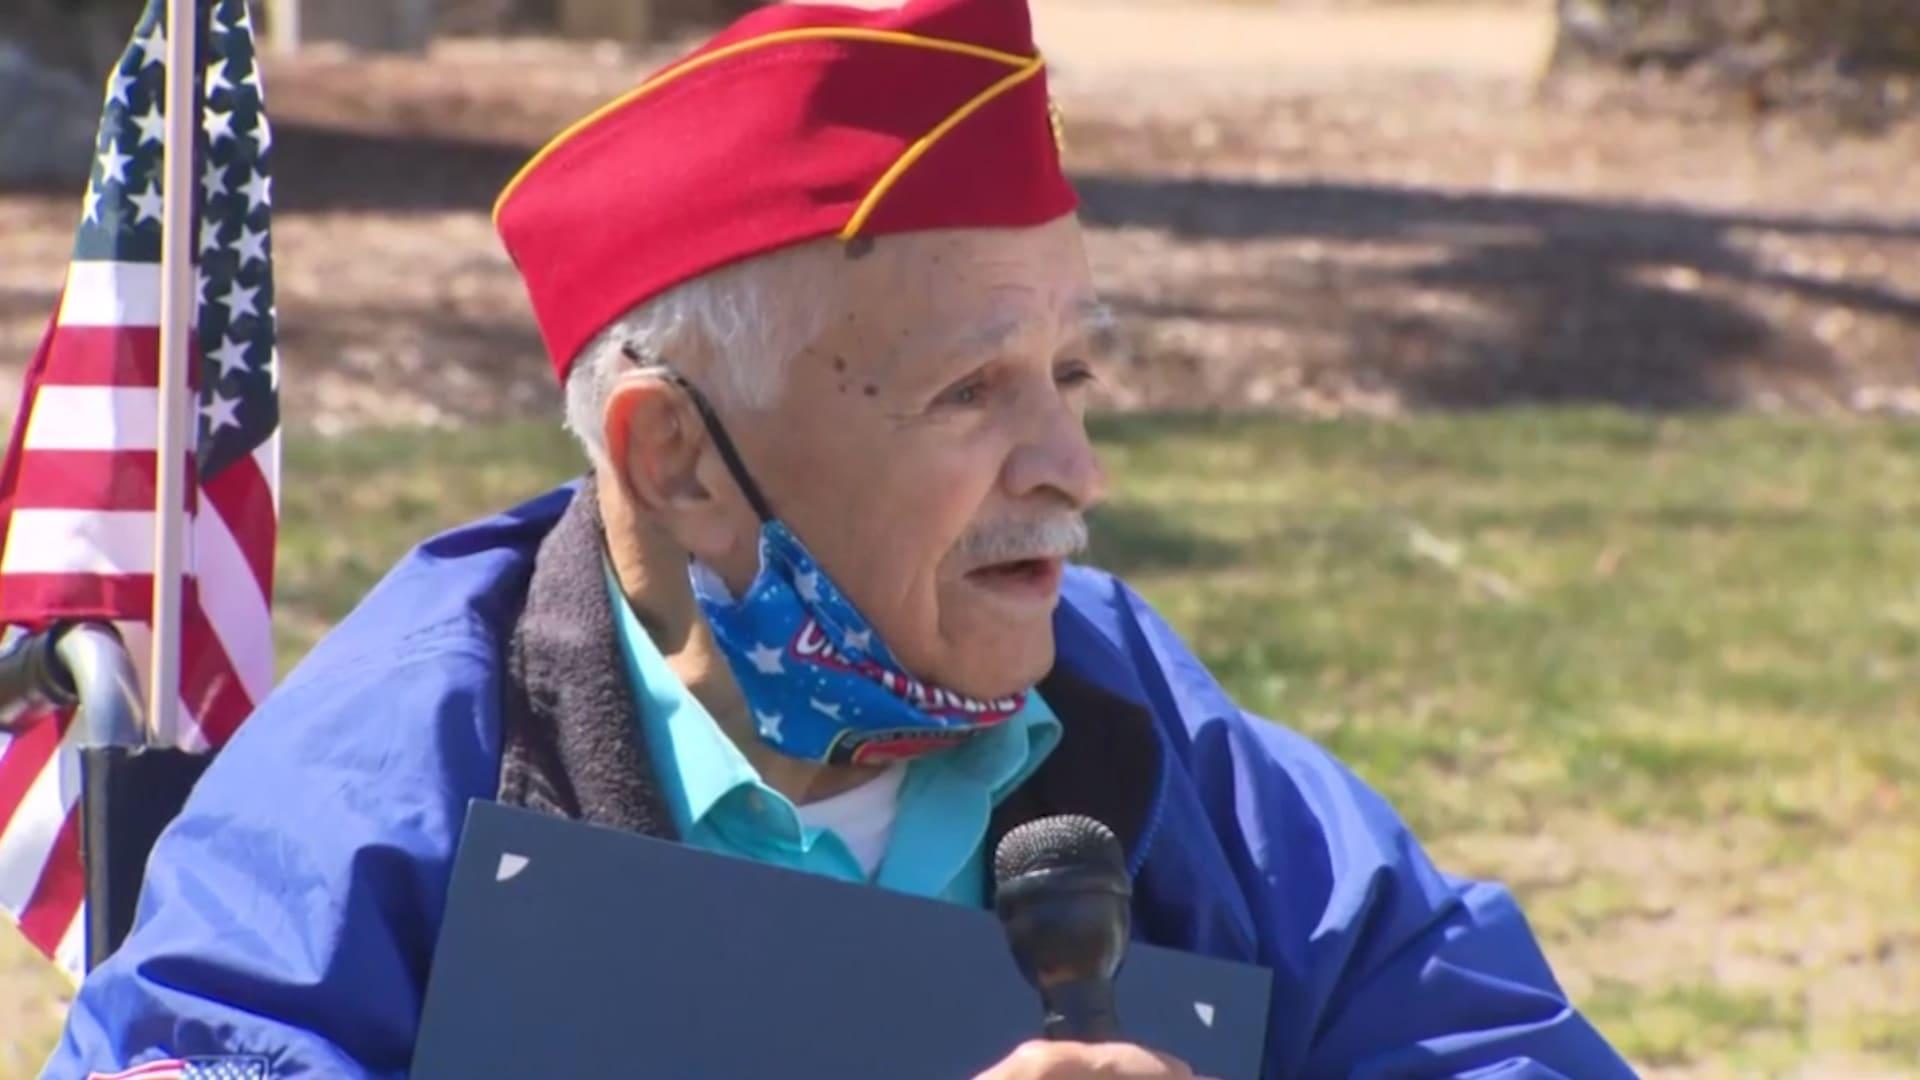 رجل عمره 95 عاما ينسب نجاته من فيروس كورونا إلى أغنية لفرانك سيناترا